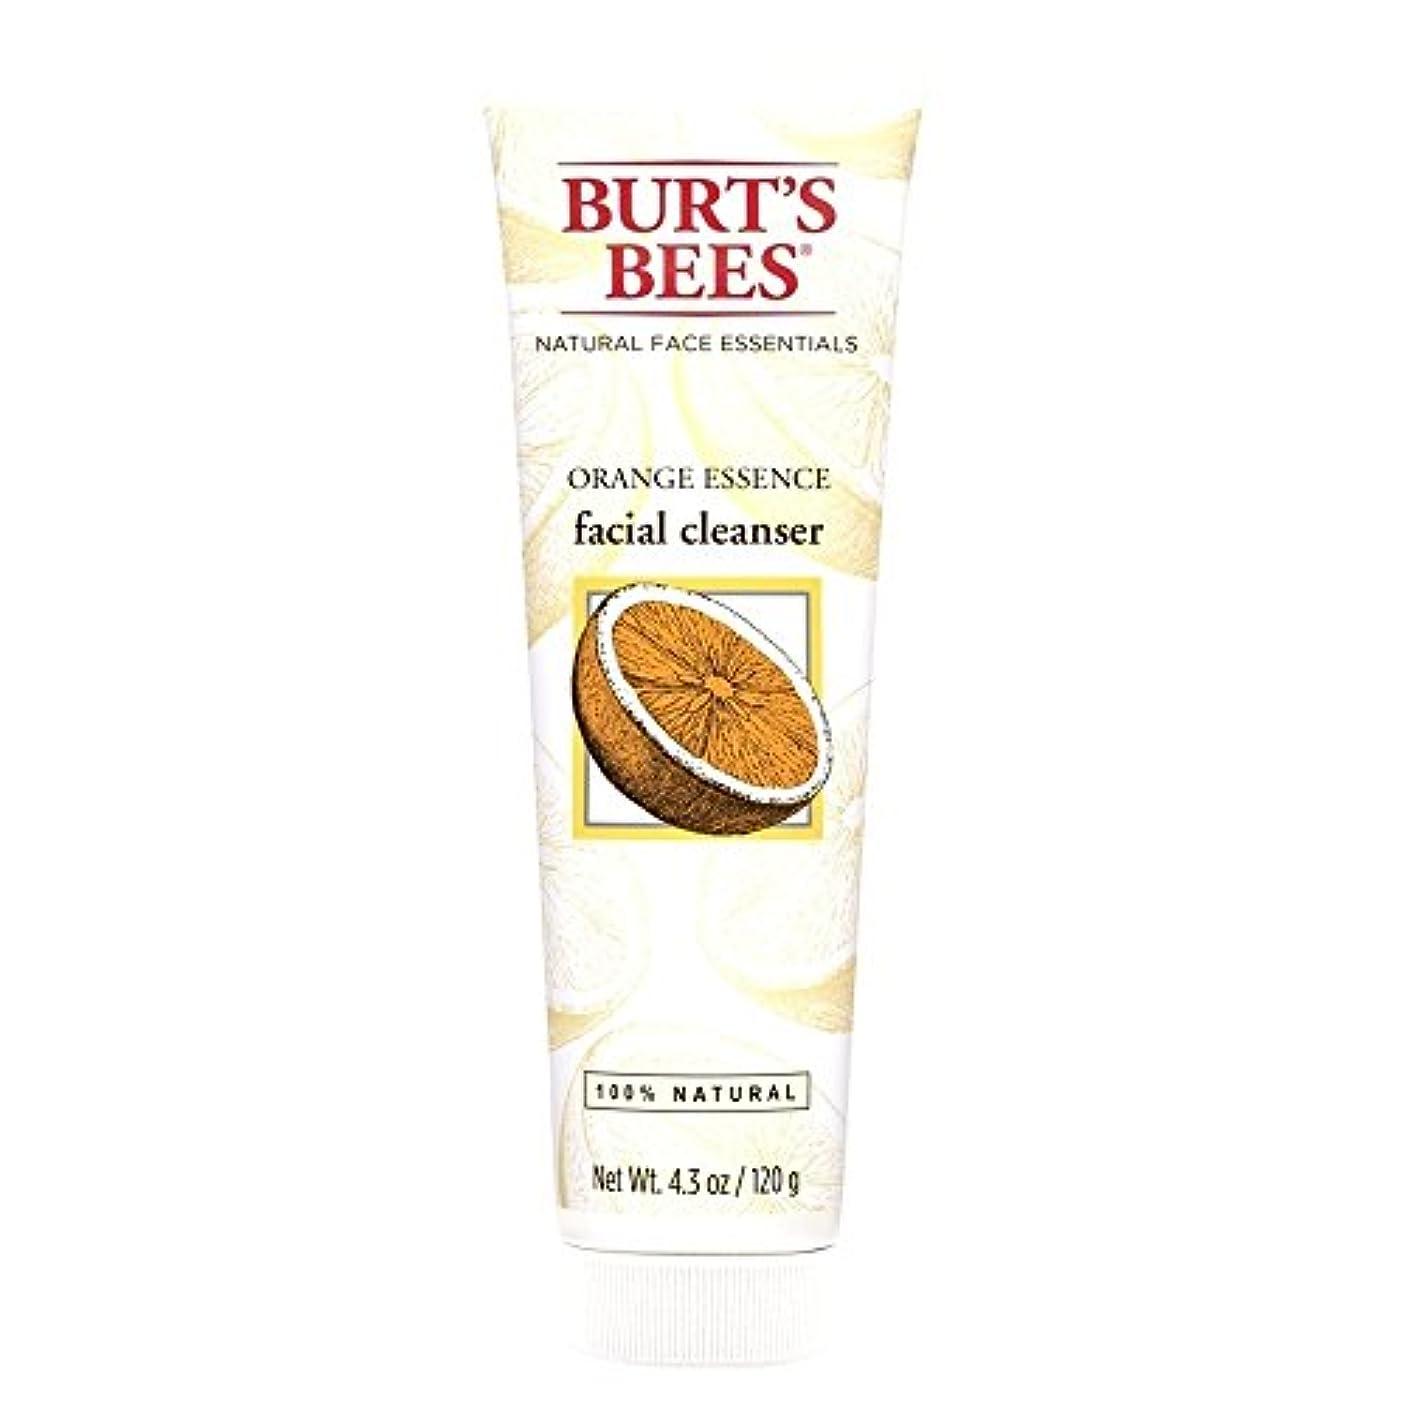 織るセラー倫理バーツビーオレンジエッセンス洗顔料、125グラム (Burt's Bees) - Burt's Bees Orange Essence Facial Cleanser, 125g [並行輸入品]